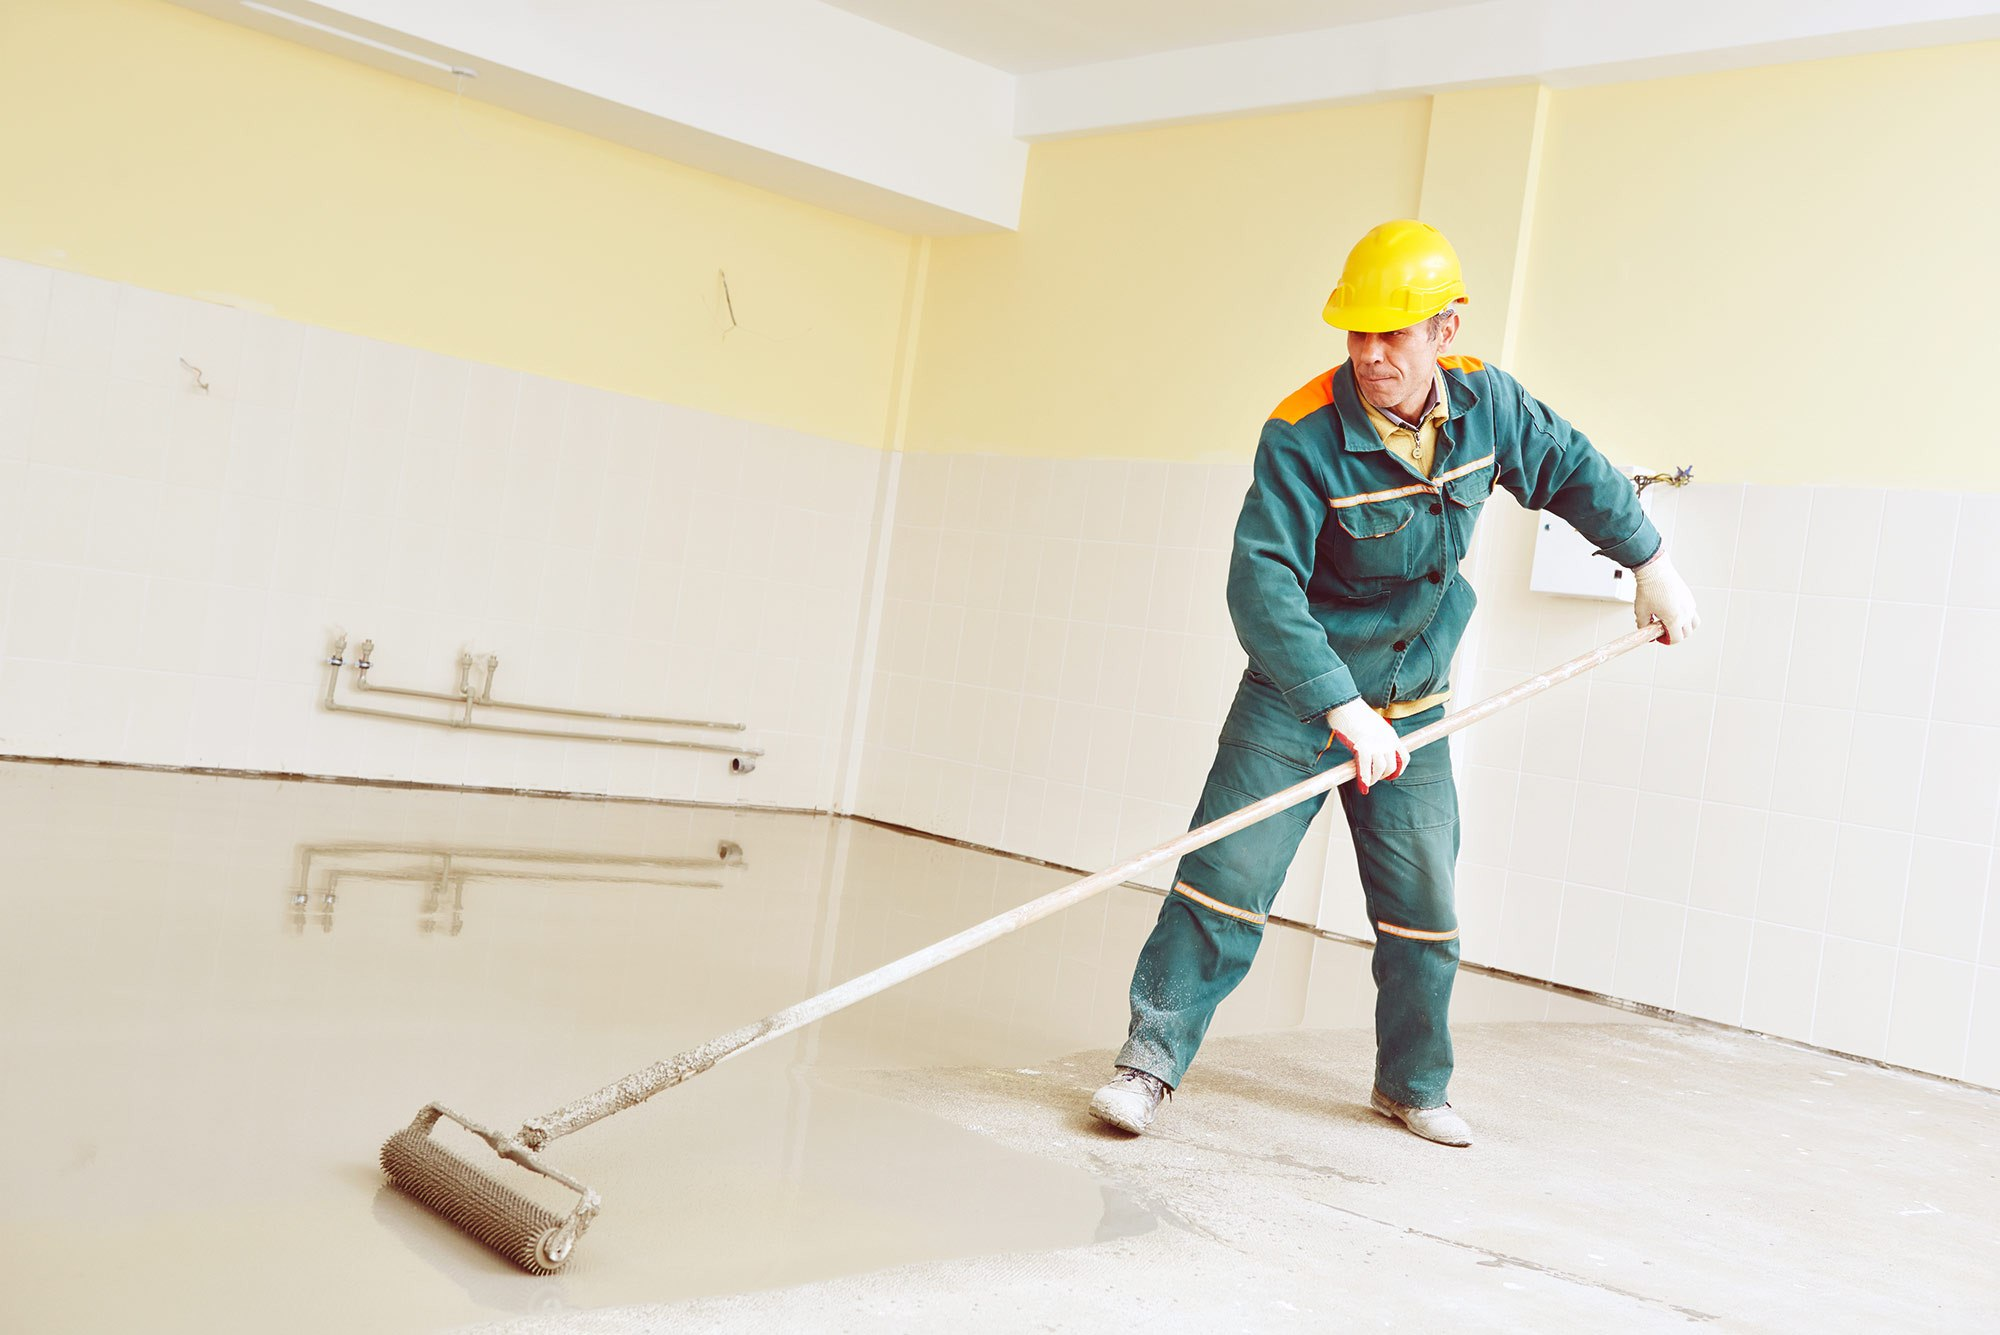 Акриловые краски по бетону - экологичны и безопасны, поэтому допускается их применение как снаружи, так и внутри помещений